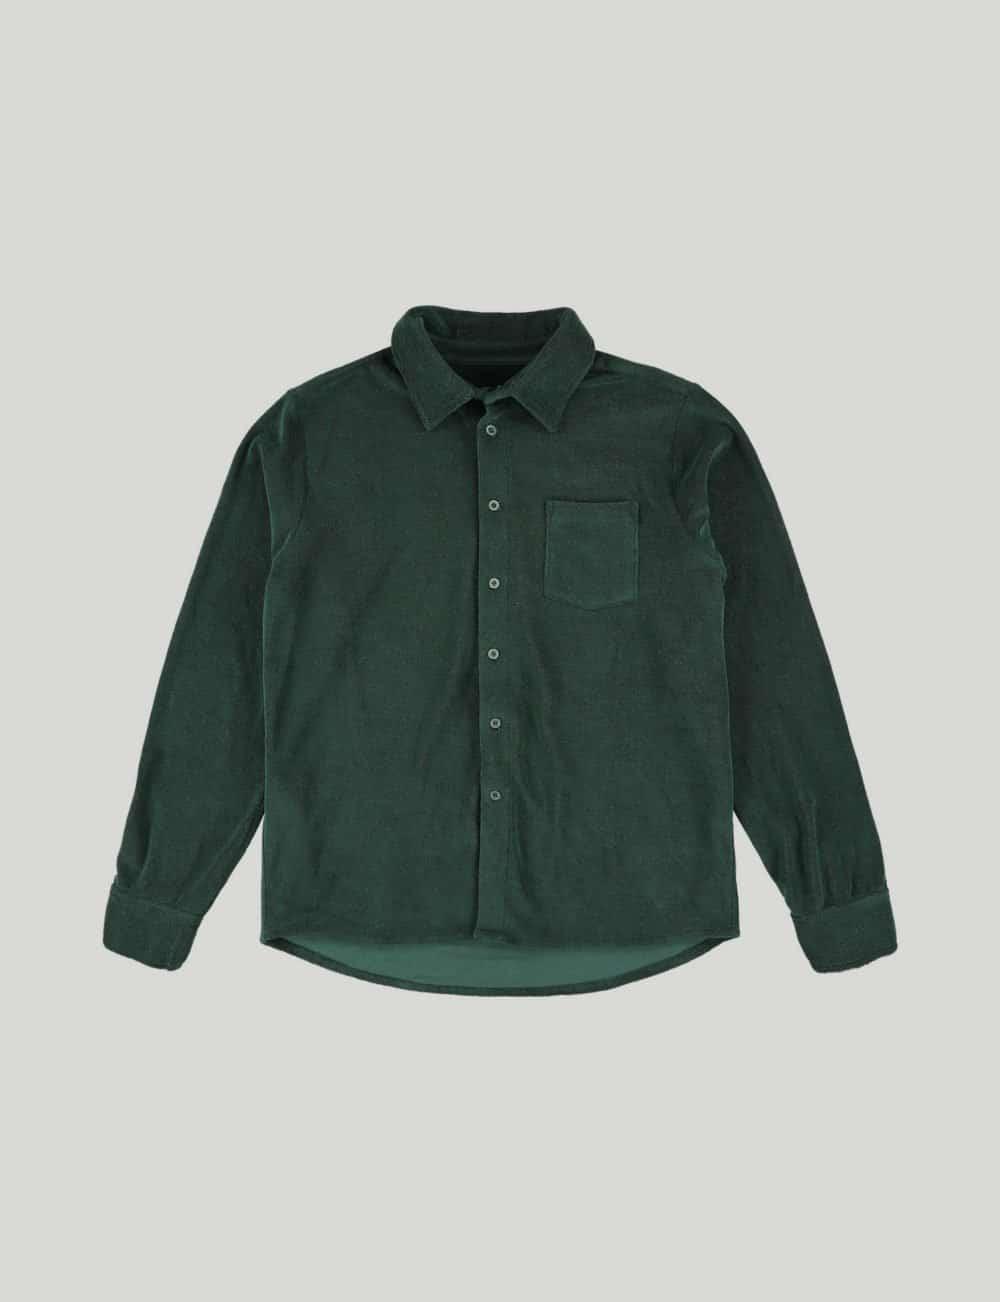 Castart - Reisht Shirt - Green